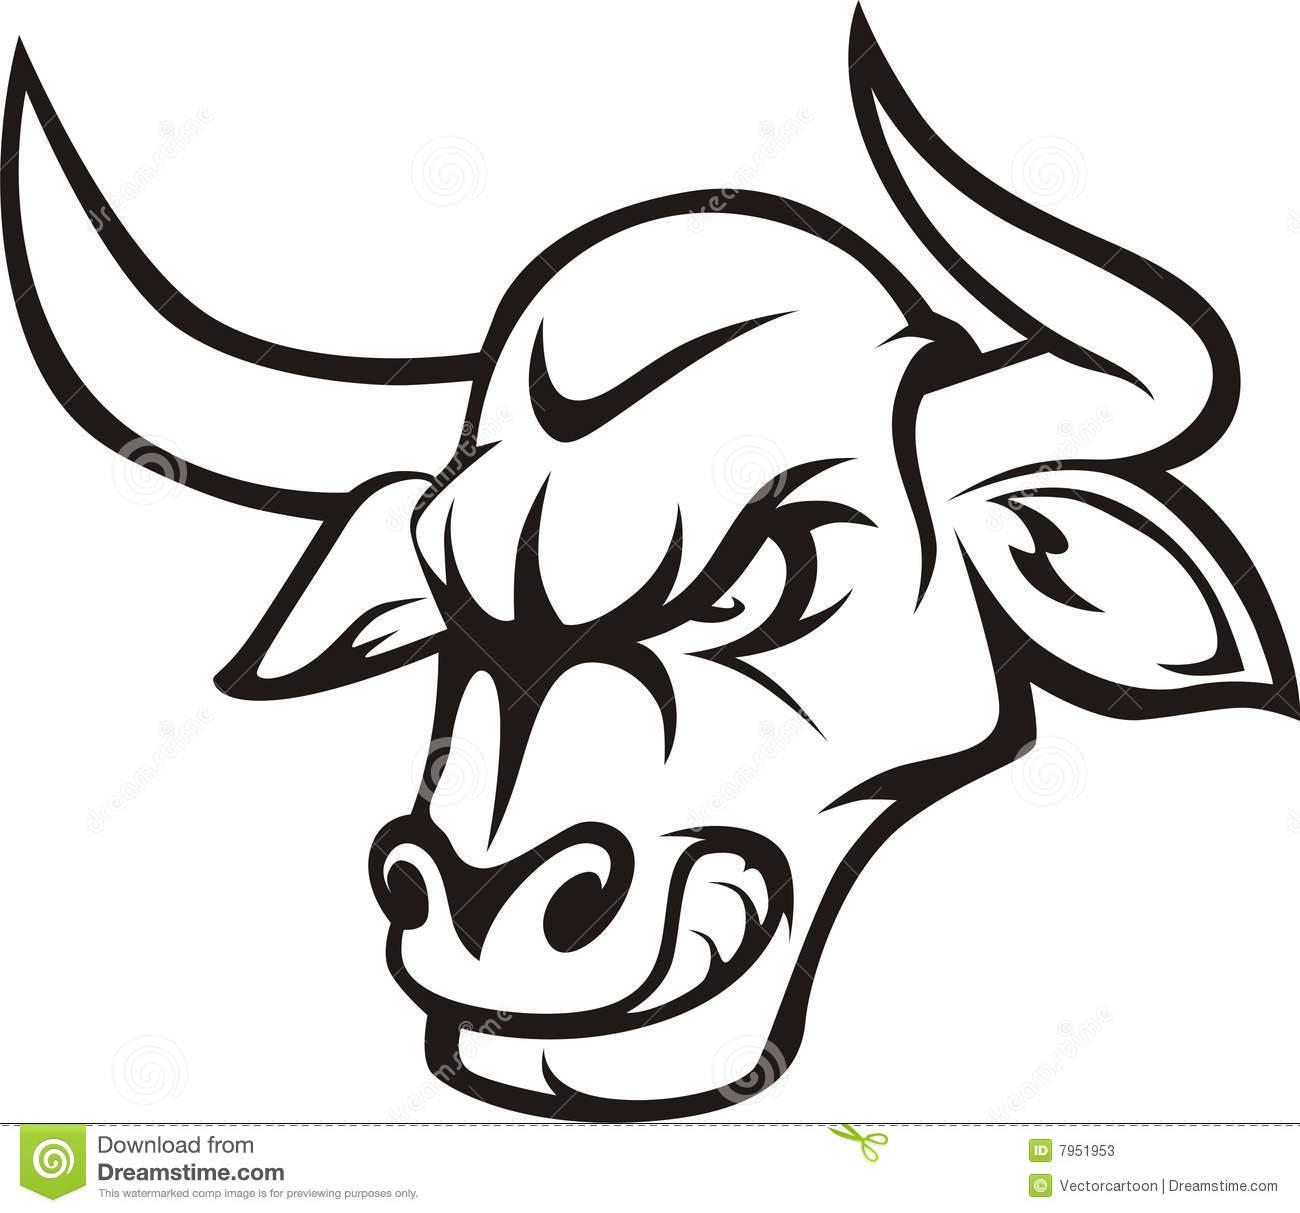 Bull clipart raging bull Raging Stock Communications 7951953 Image: